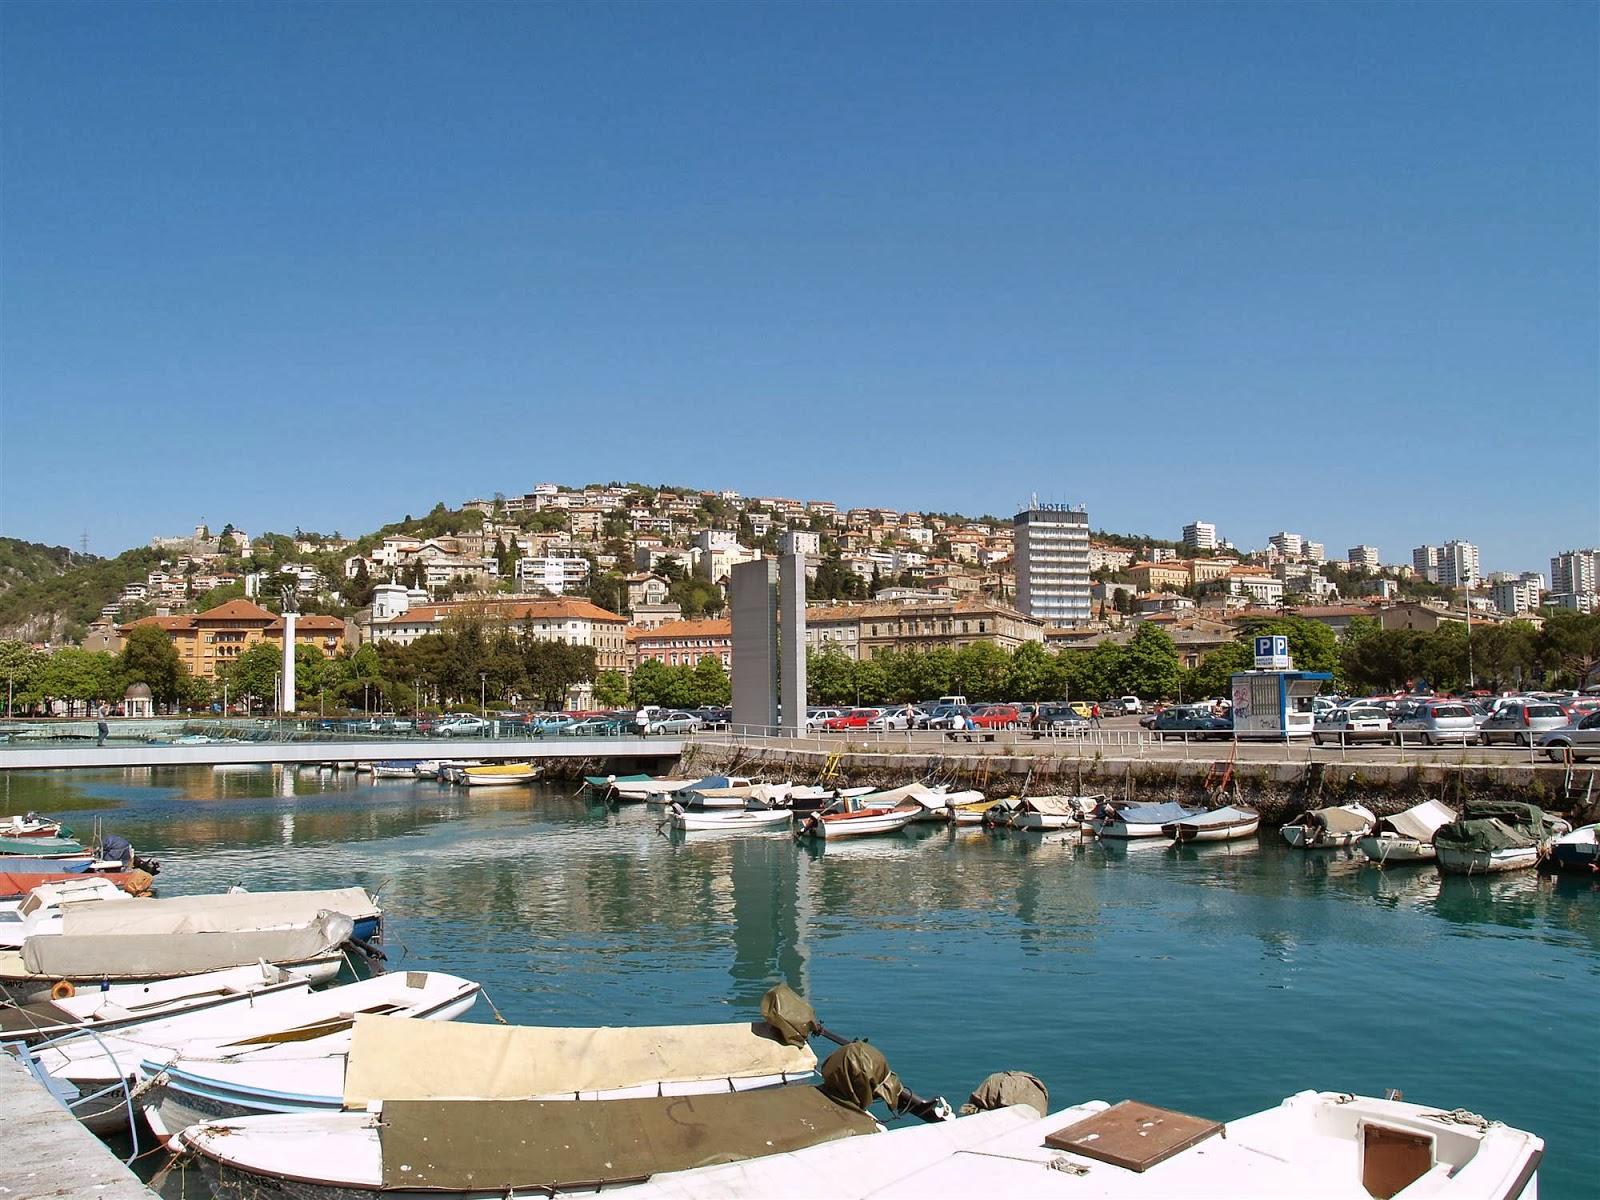 Popotniški spomladanski izlet, Istra 2007 - P0146264.JPG